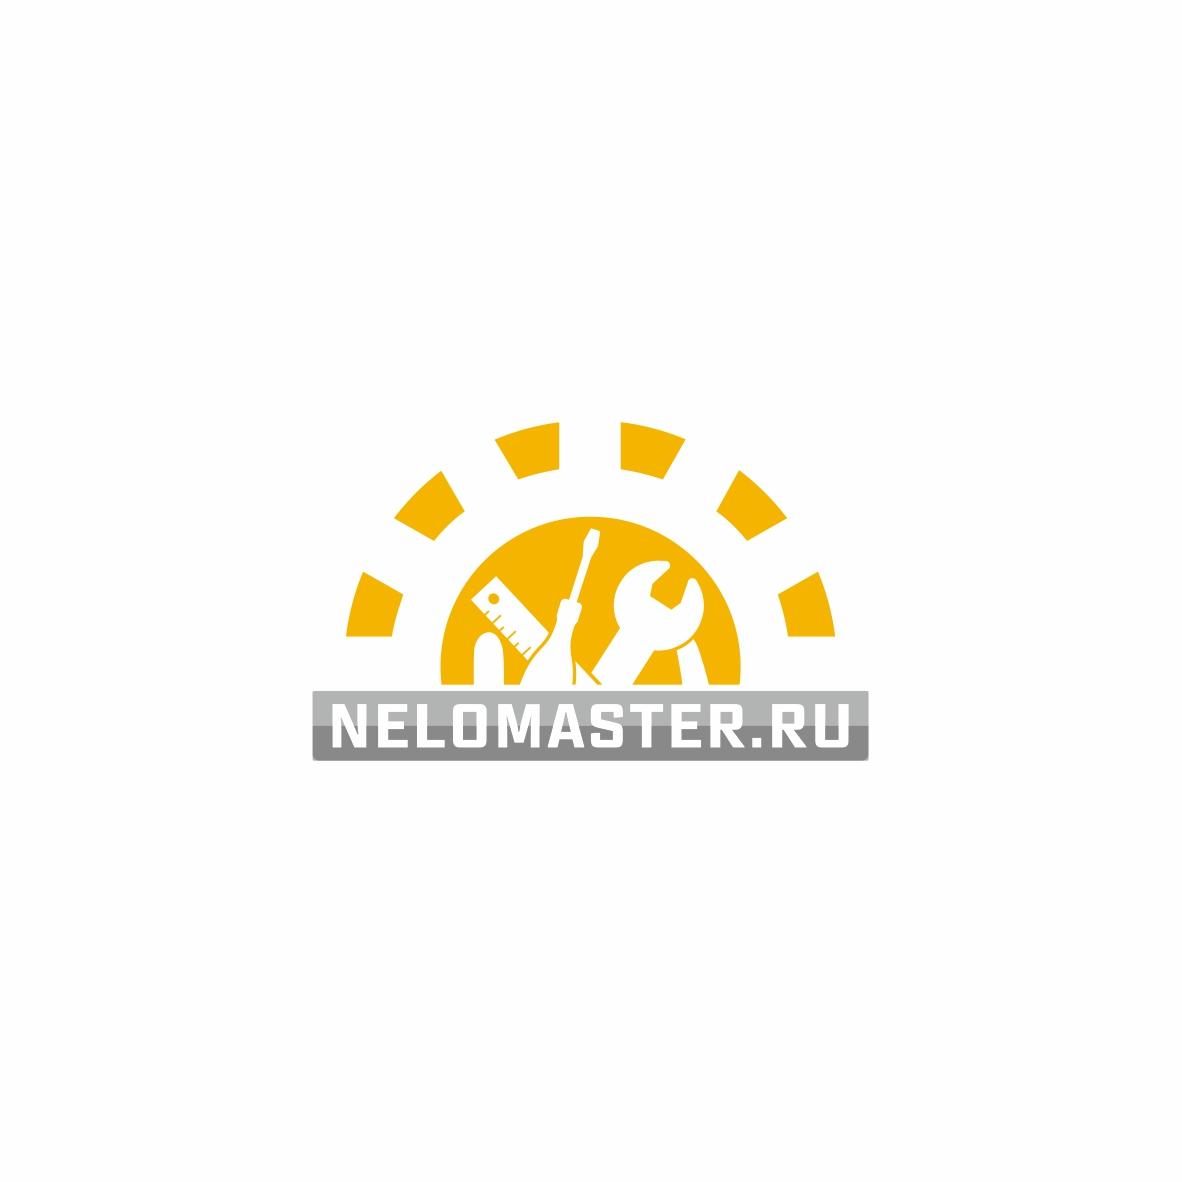 """Логотип сервиса """"Муж на час""""=""""Мужская помощь по дому"""" фото f_5005dc2fee494309.jpg"""